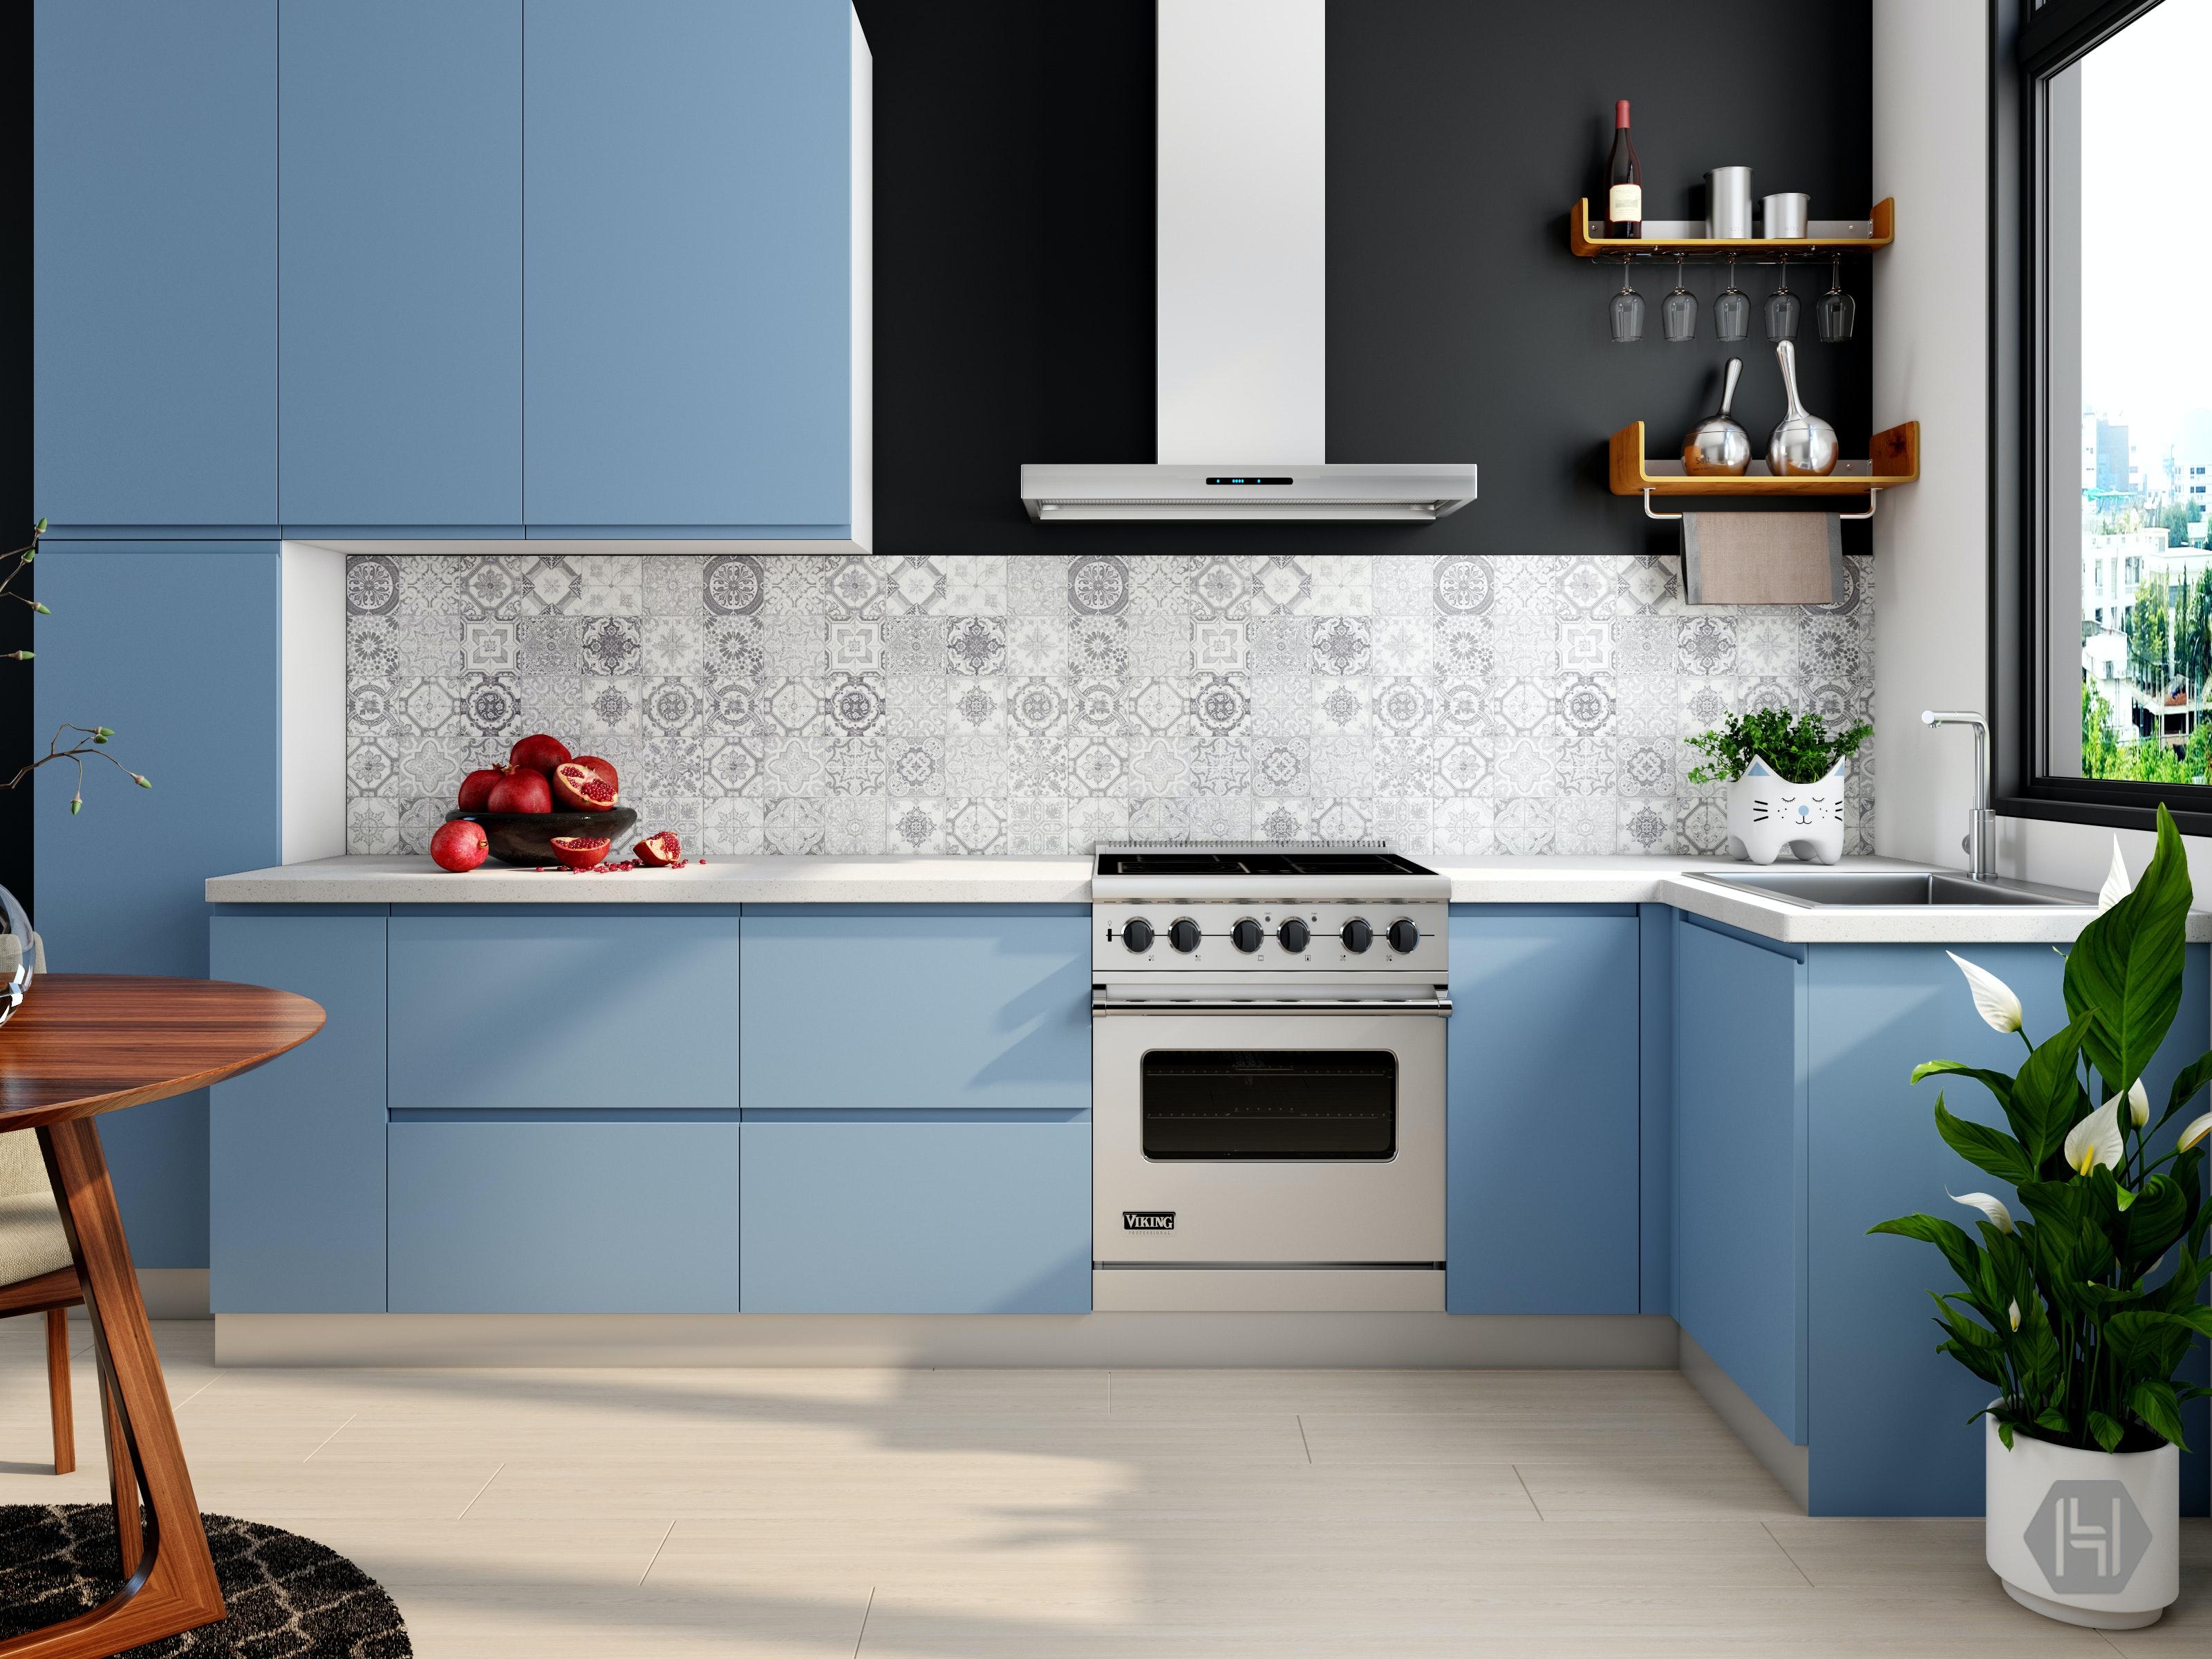 modular kitchen design · free stock photo